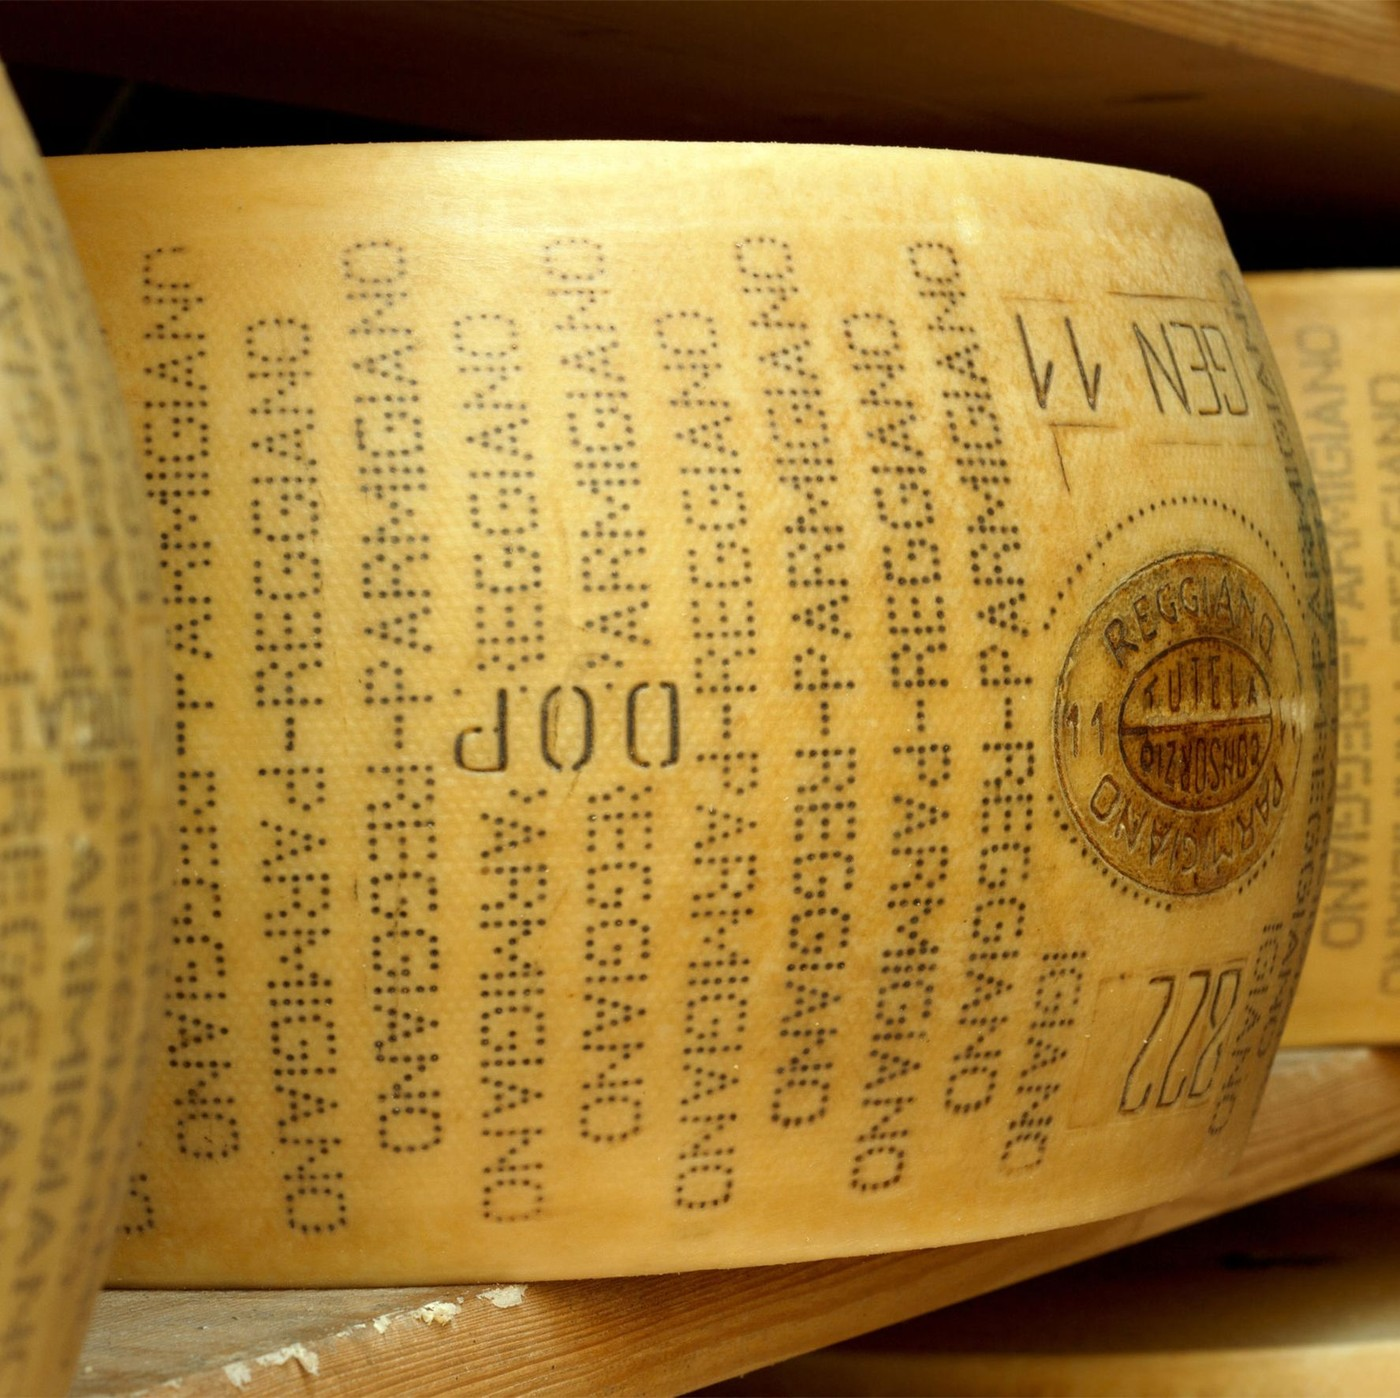 receta de Parmigiano Reggiano 22/23 Mesi Forma Intera